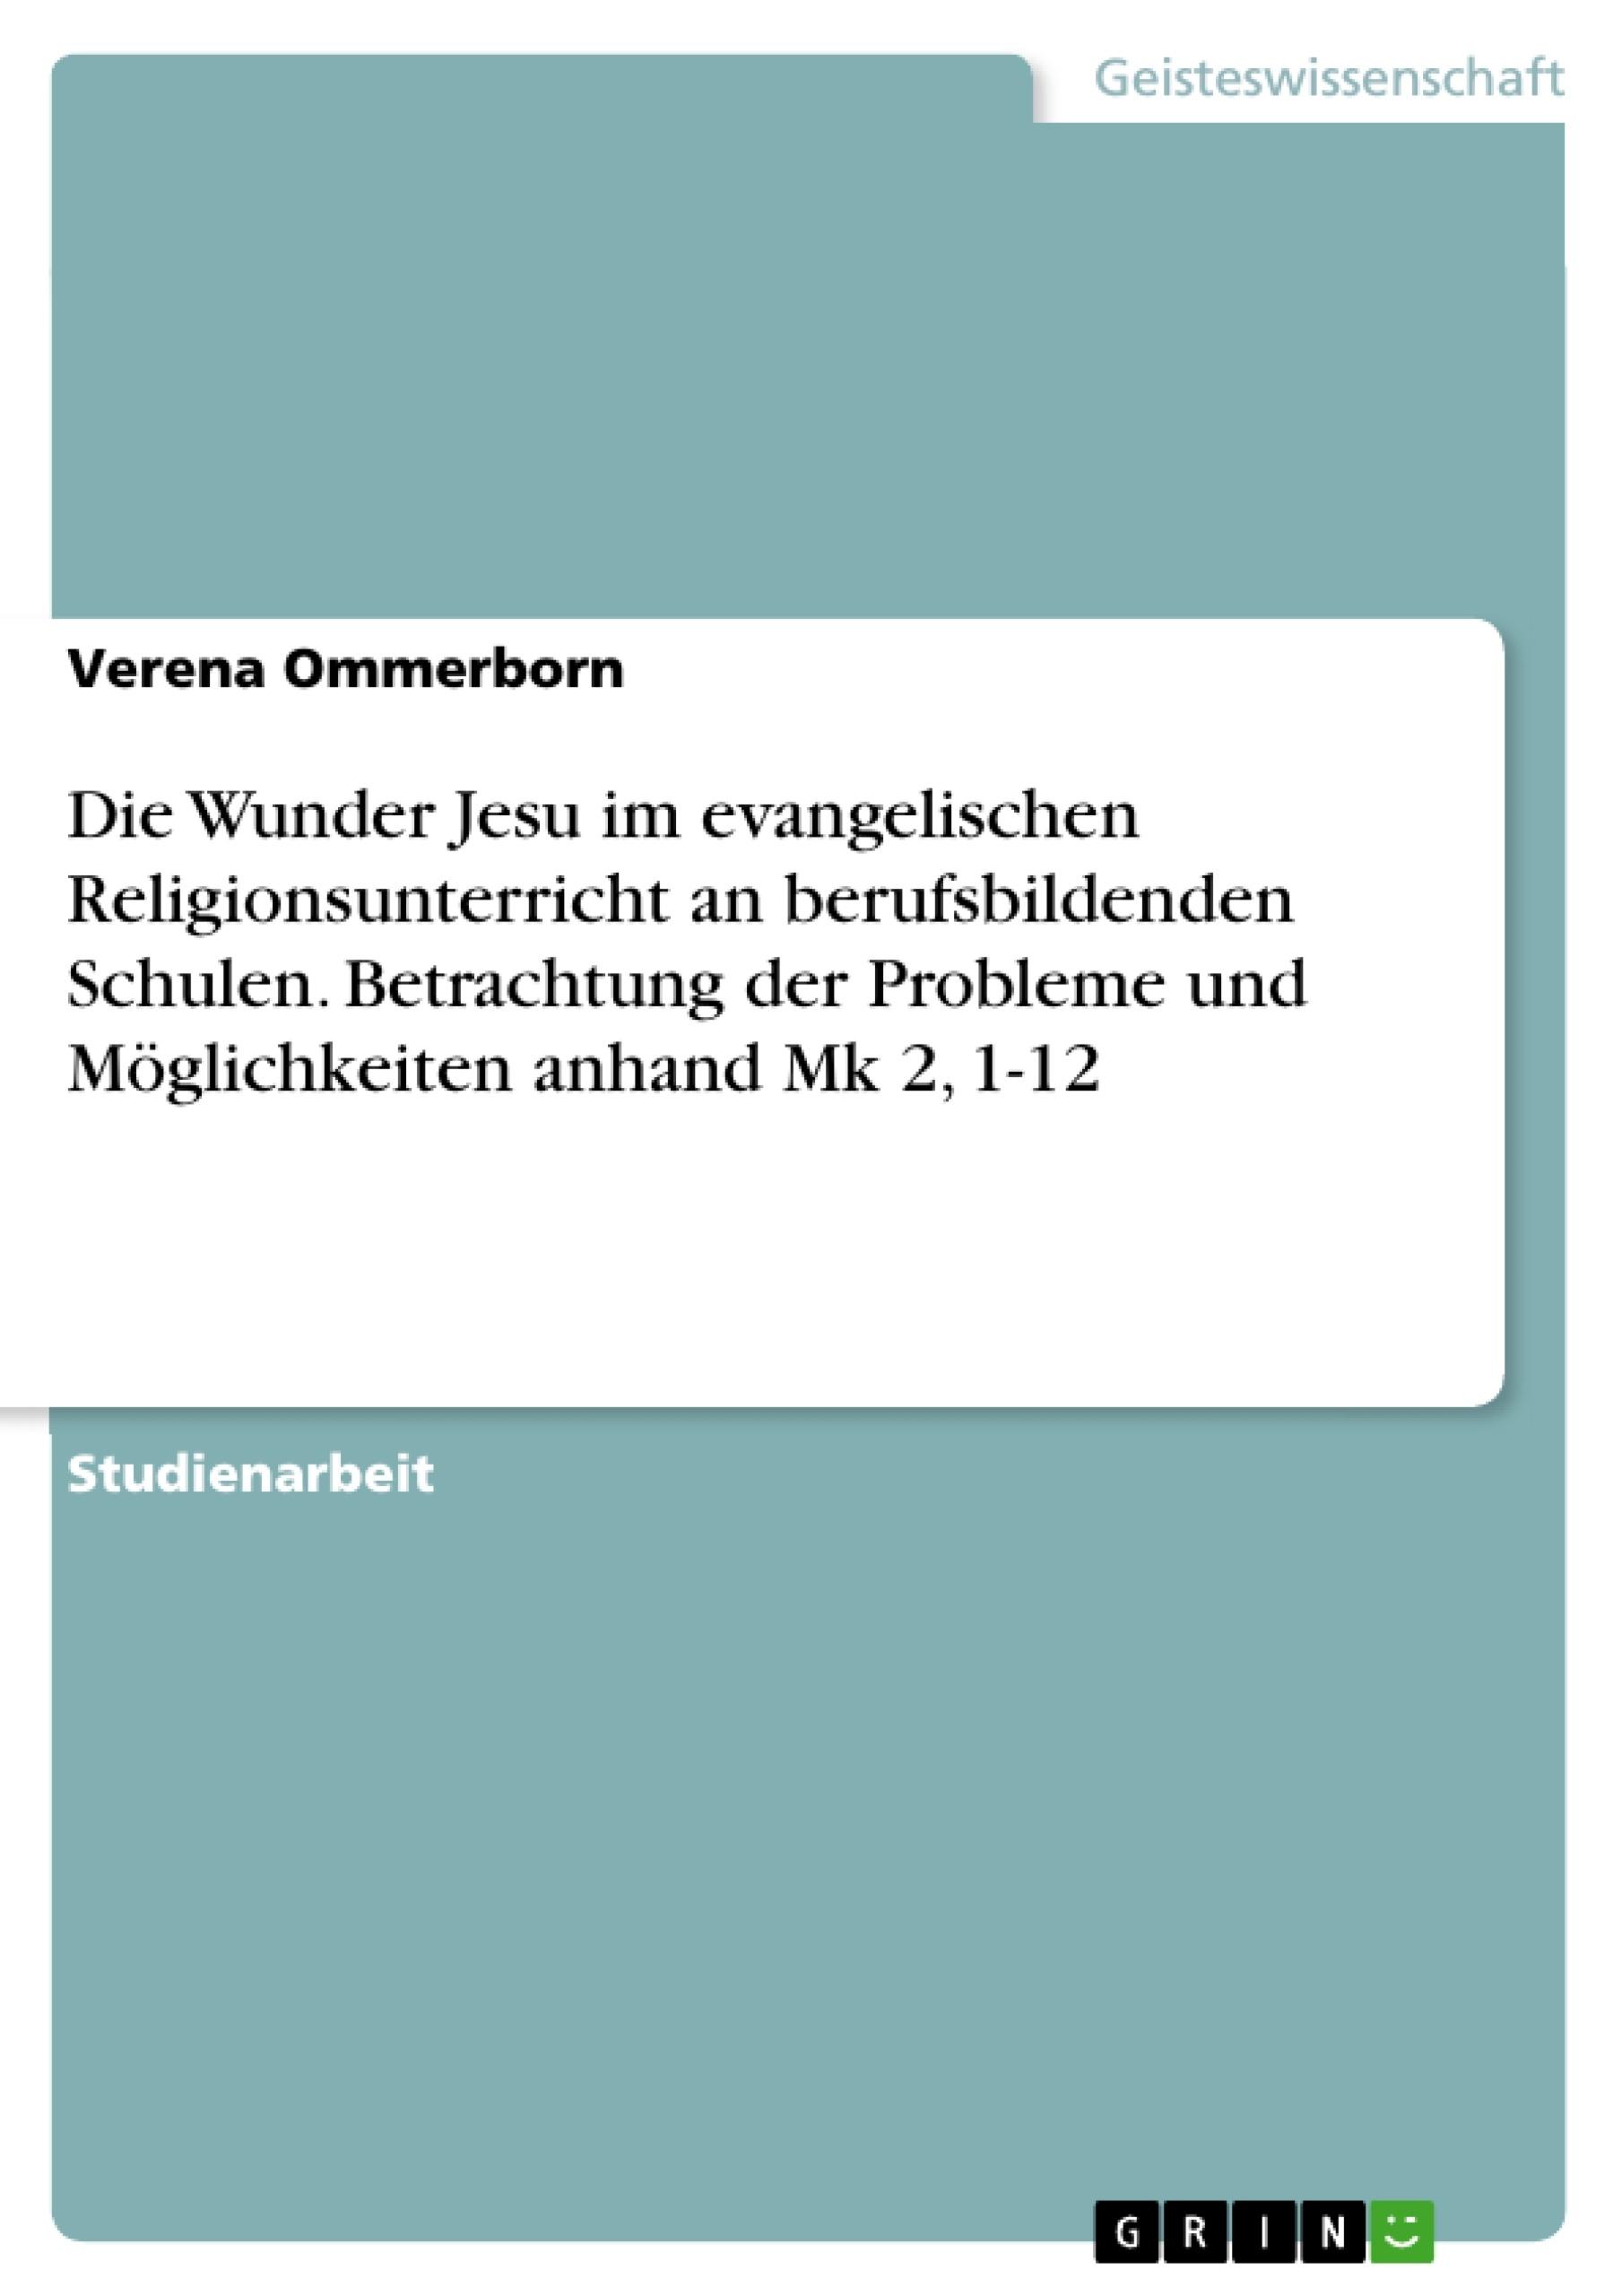 Titel: Die Wunder Jesu im evangelischen Religionsunterricht an berufsbildenden Schulen. Betrachtung der Probleme und Möglichkeiten anhand  Mk 2, 1-12